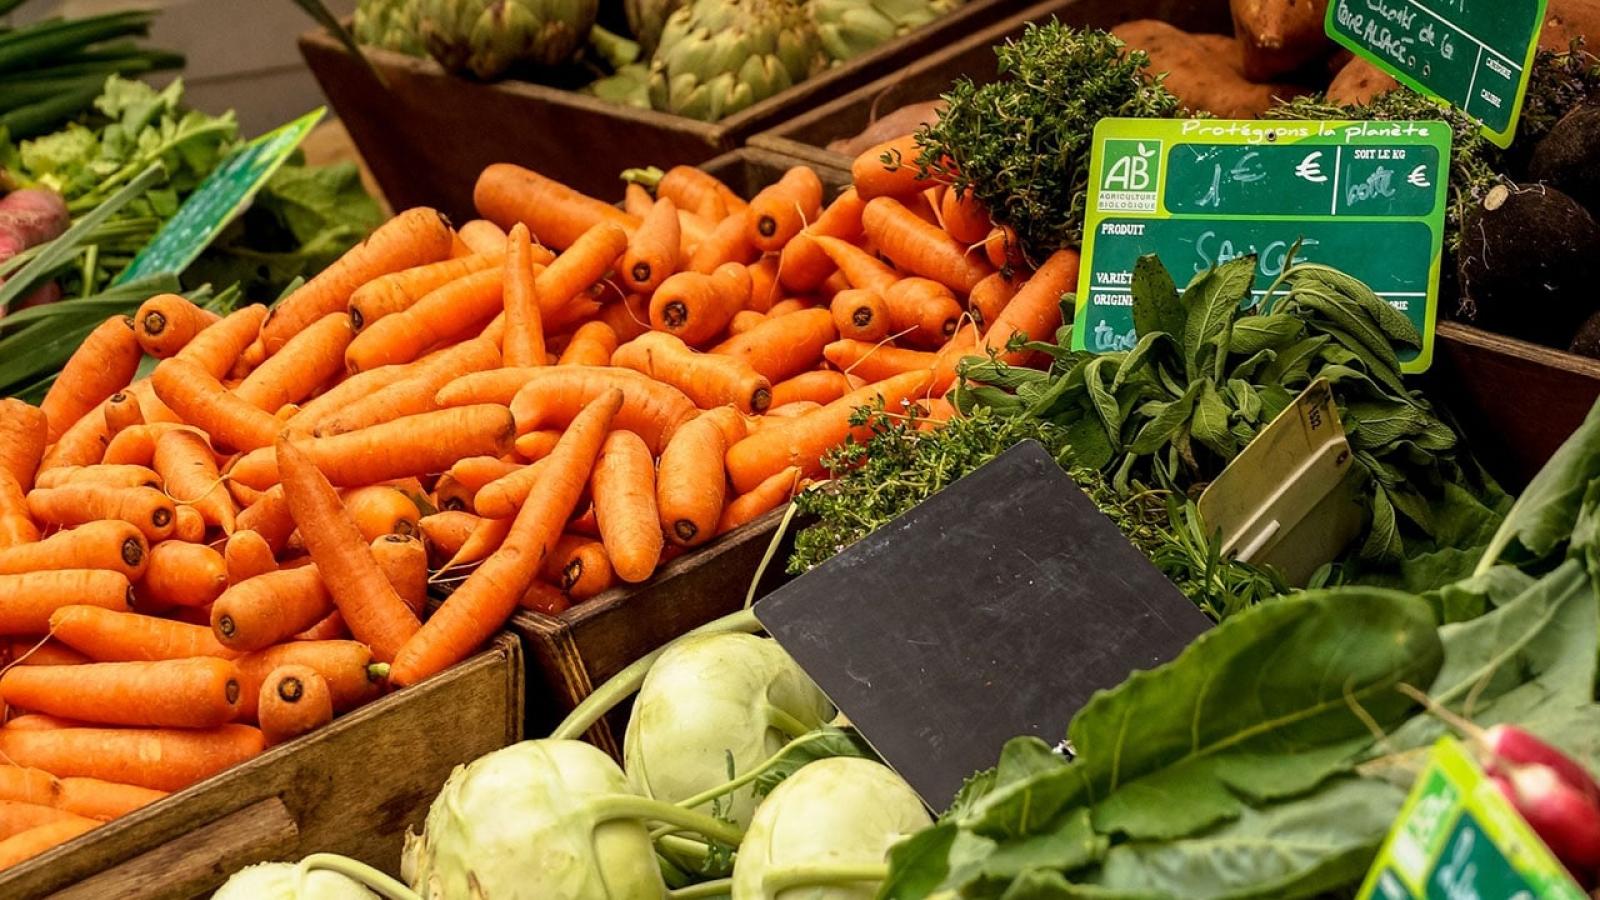 Obst und Gemüse plastikfrei einzukaufen ist kein Hexenwerk. Mit ein paar Tricks wird es sogar noch einfacher und macht dabei richtig Spaß.